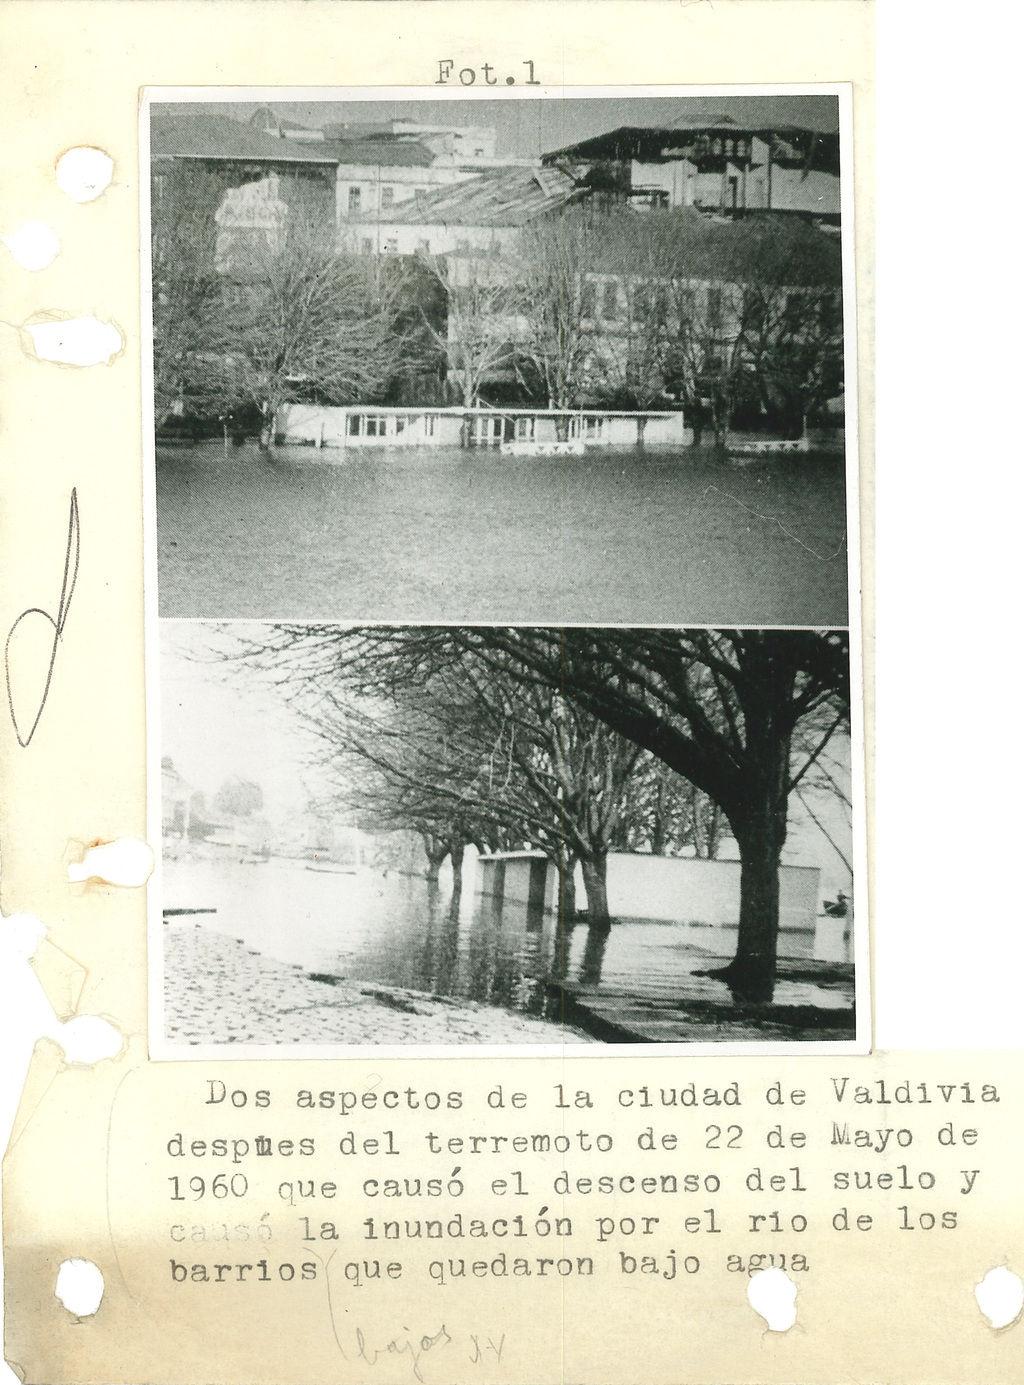 Dos aspectos de la ciudad de Valdivia después del terremoto de 22 de mayo de 1960 .jpg